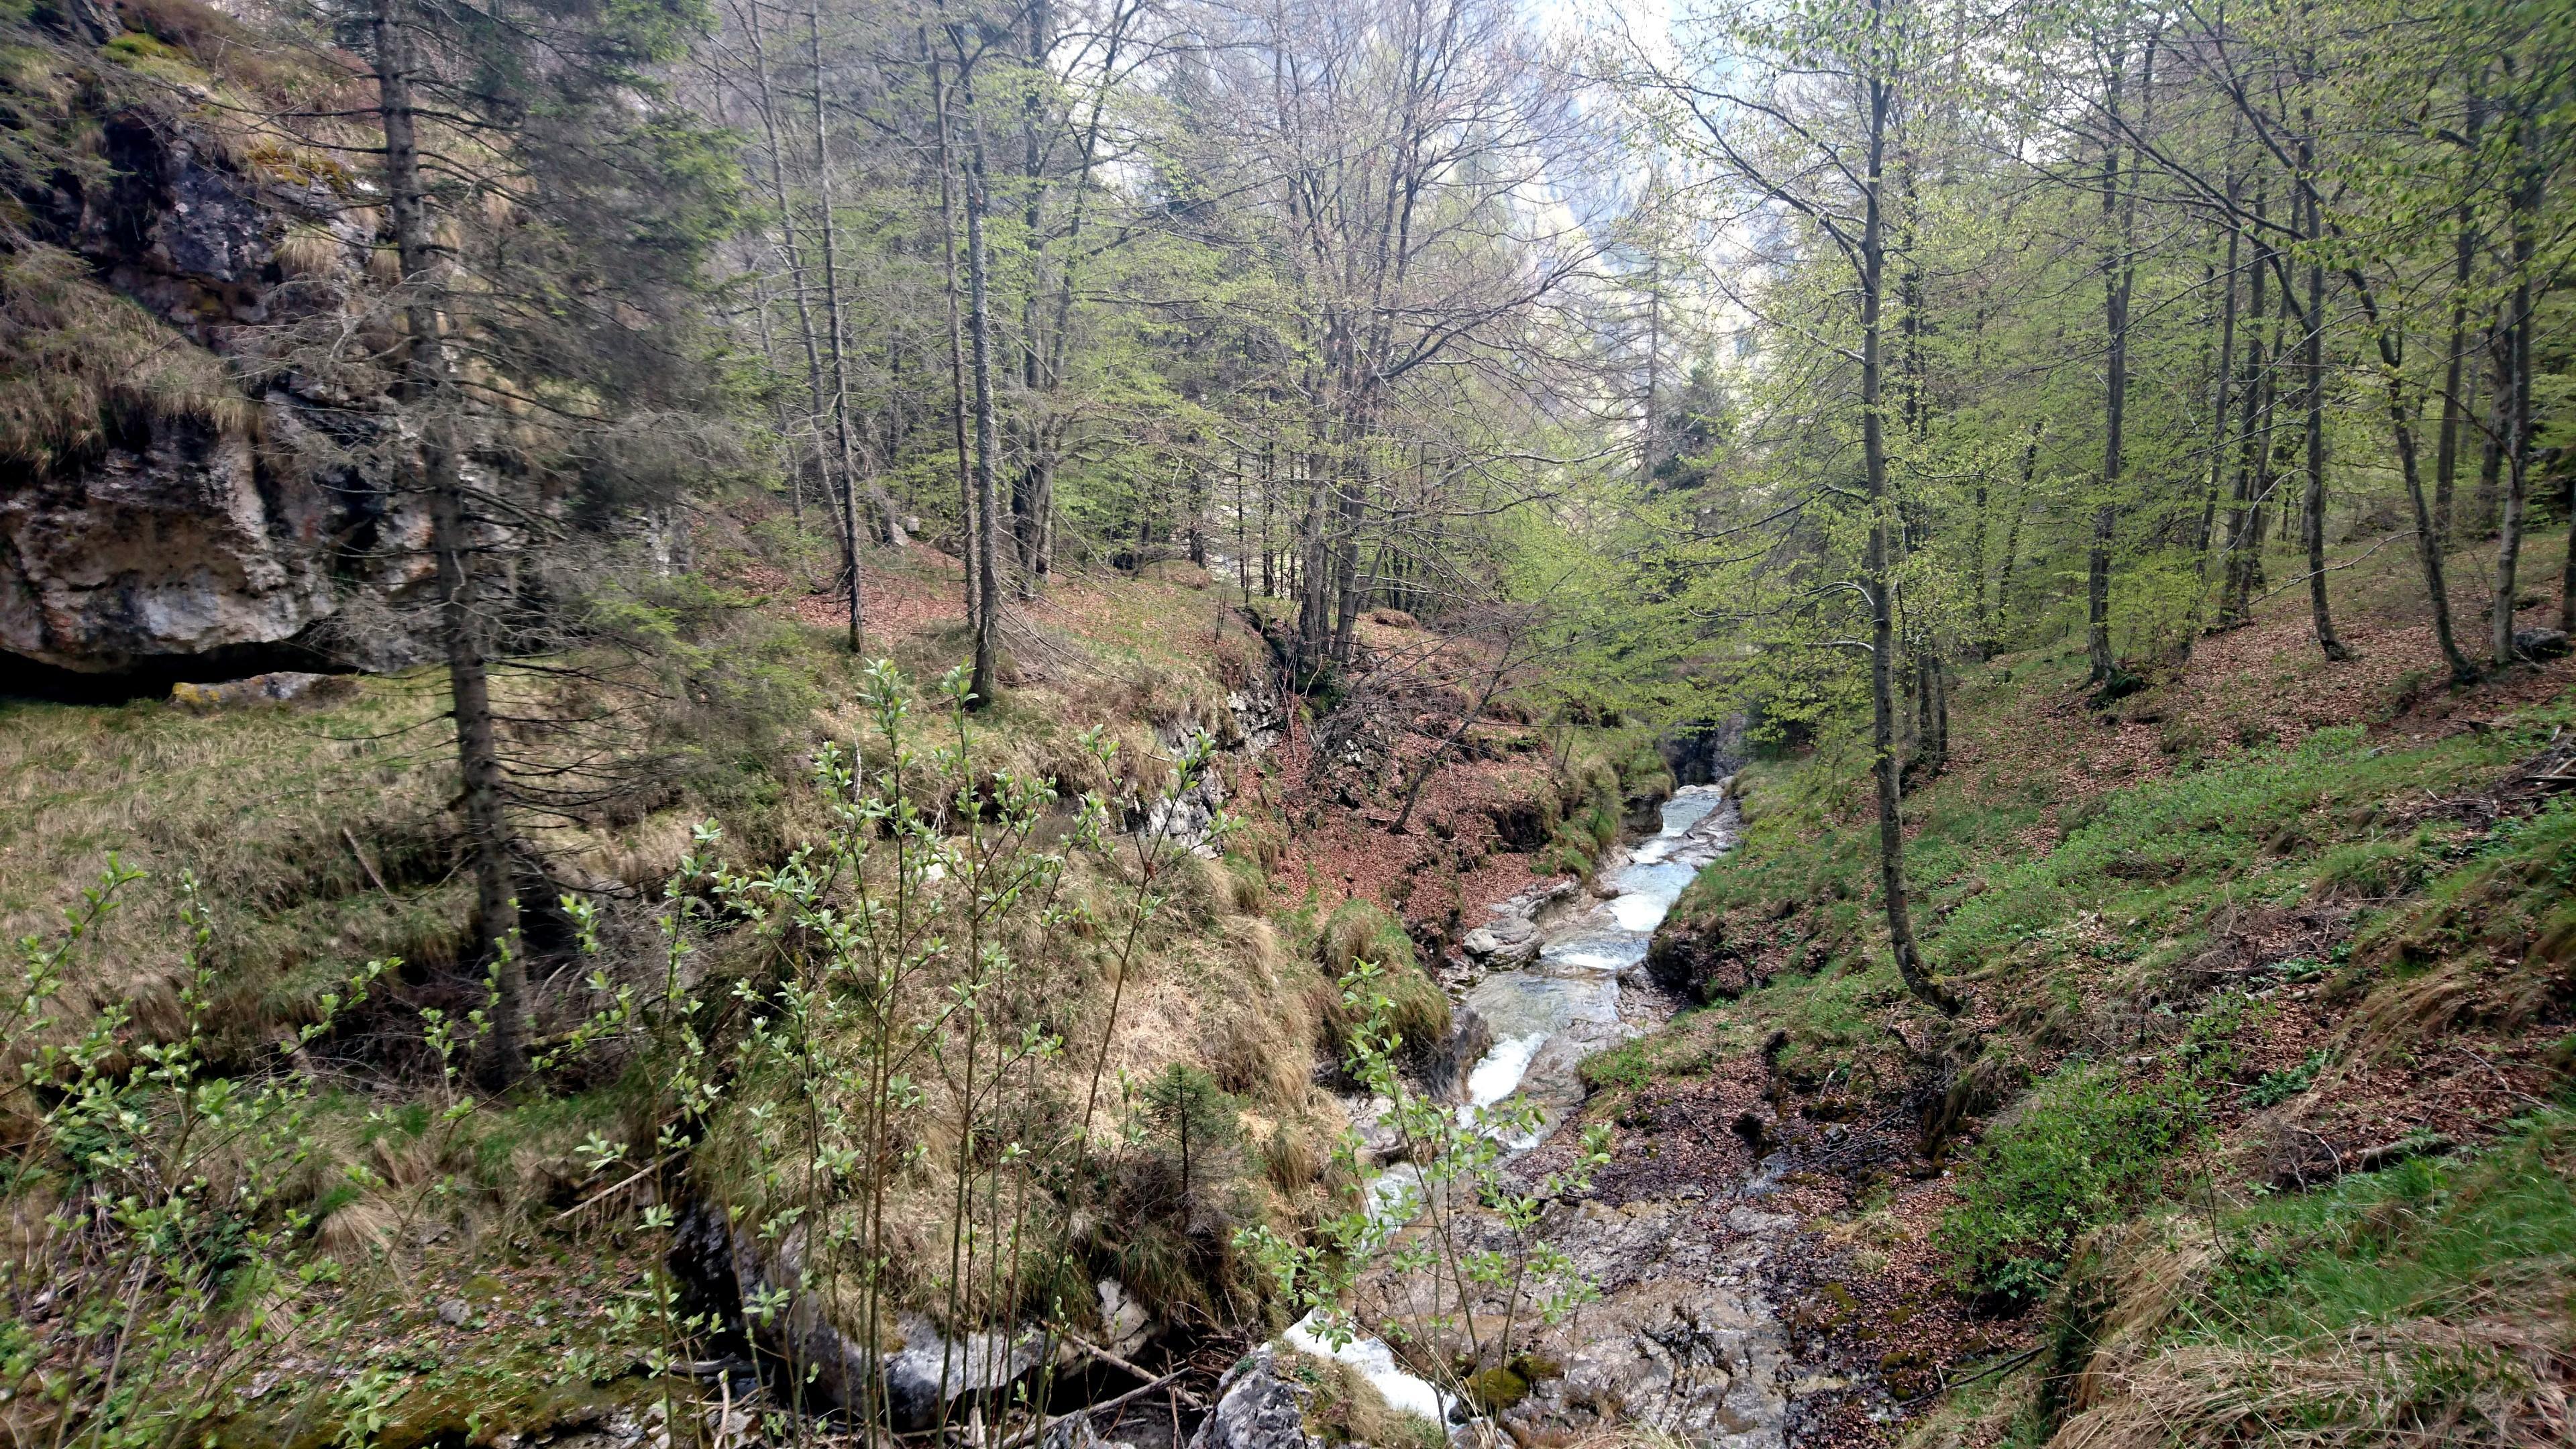 Il torrente in questo pezzo fa tanti piccoli saltini in altrettante pozze che d'estate devono essere uno sballo per fare il bagnetto